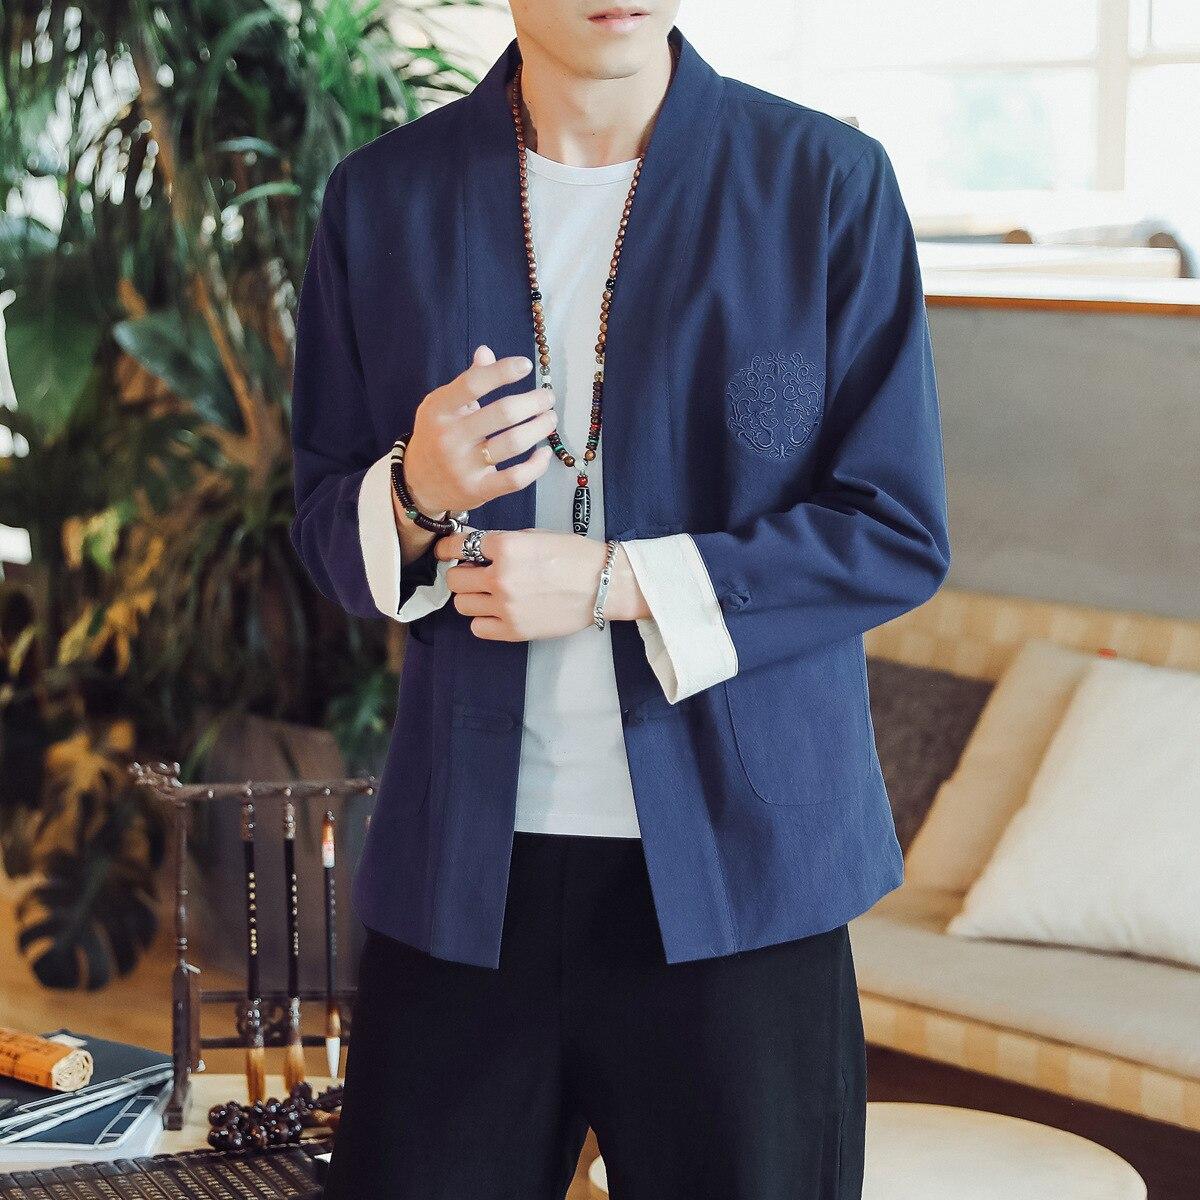 #4390 Printemps 2019 Noir Bleu Gris Kimono Veste Hommes Décontractée Vintage Broderie Grande Taille 4xl 5xl Style Chinois Vestes Mâle Rétro